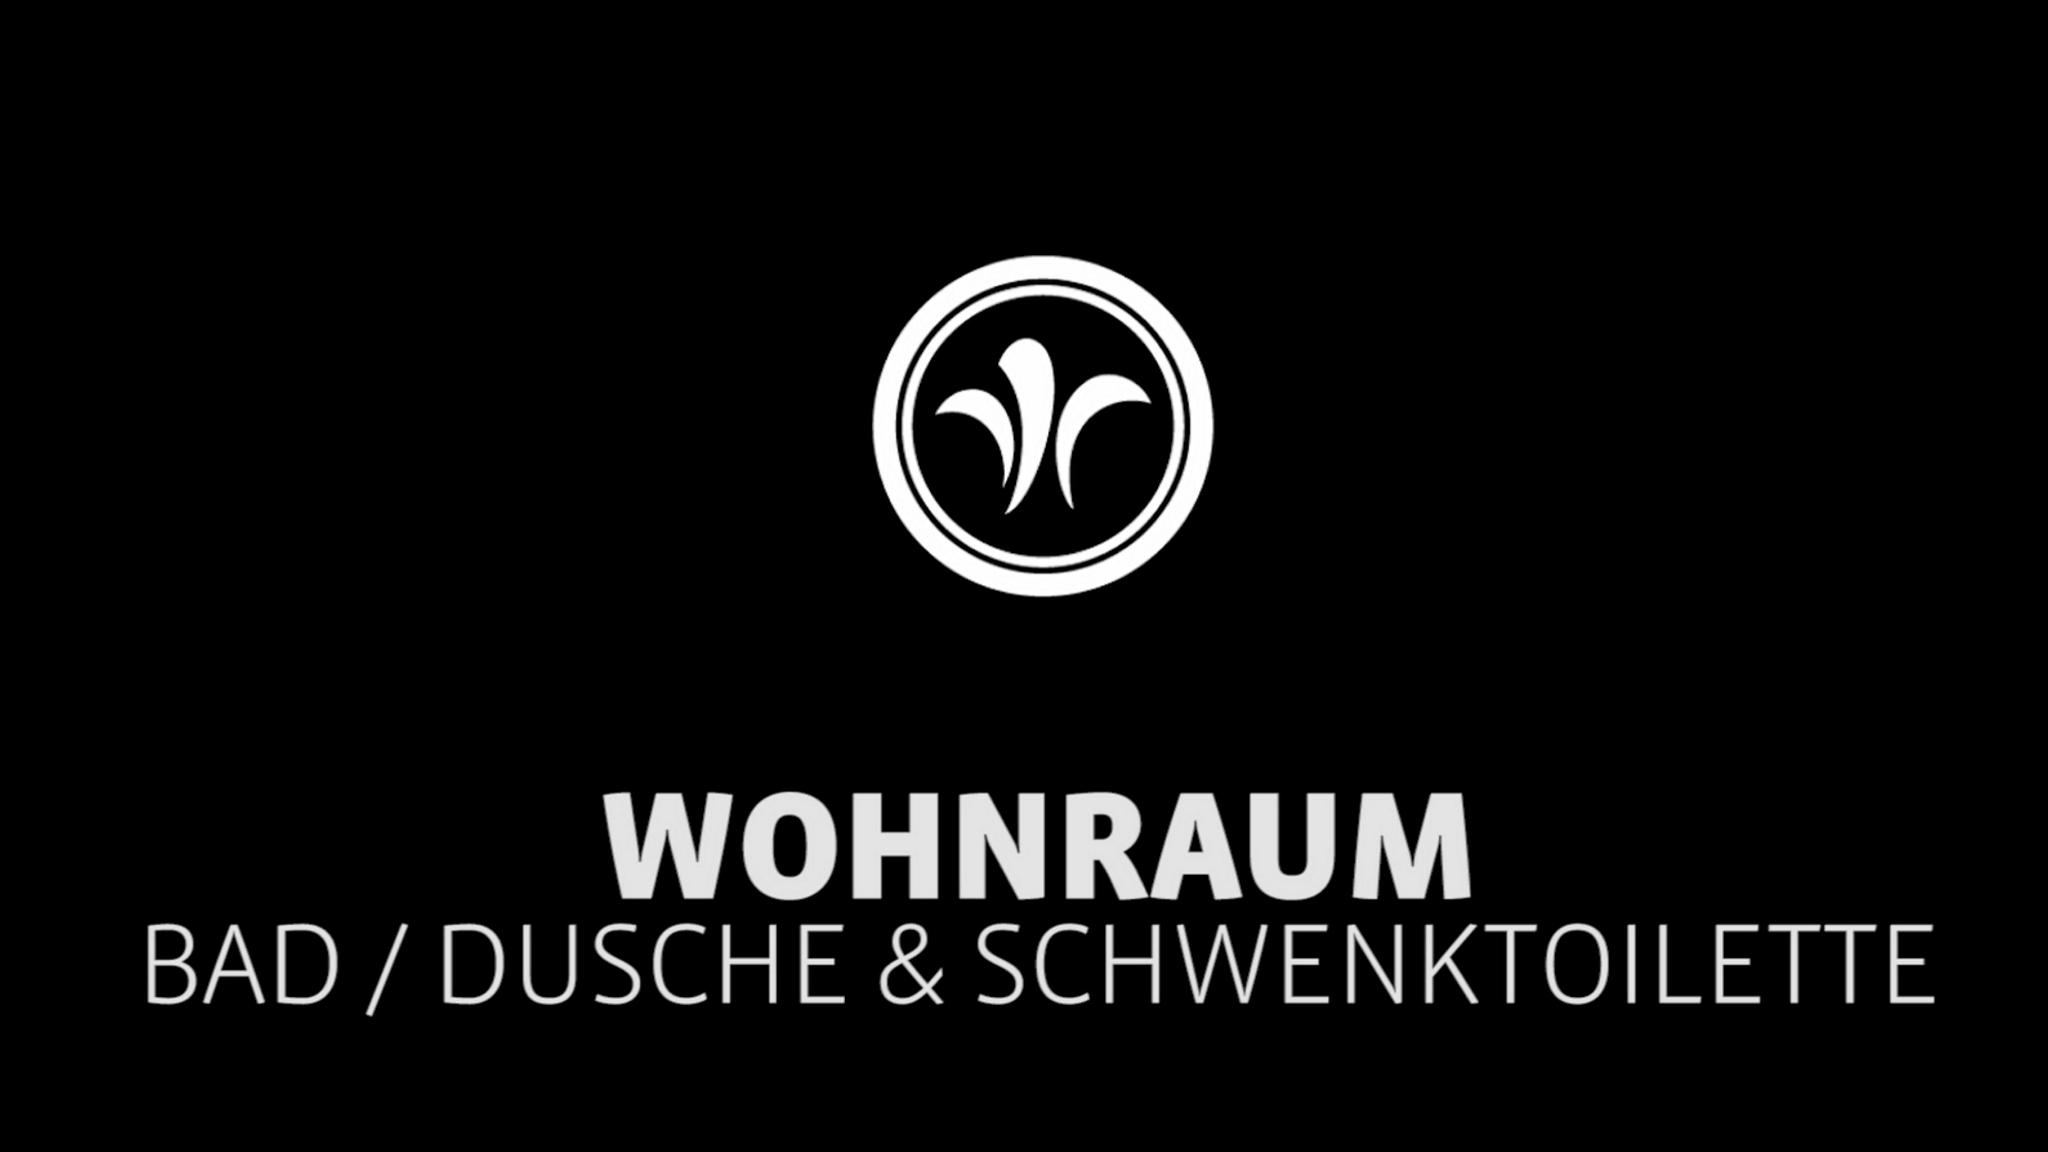 Wohnmobil Duschkabine im Bad // Niesmann+Bischoff – Reisemobil (Modell ARTO) // 2019 // WO4